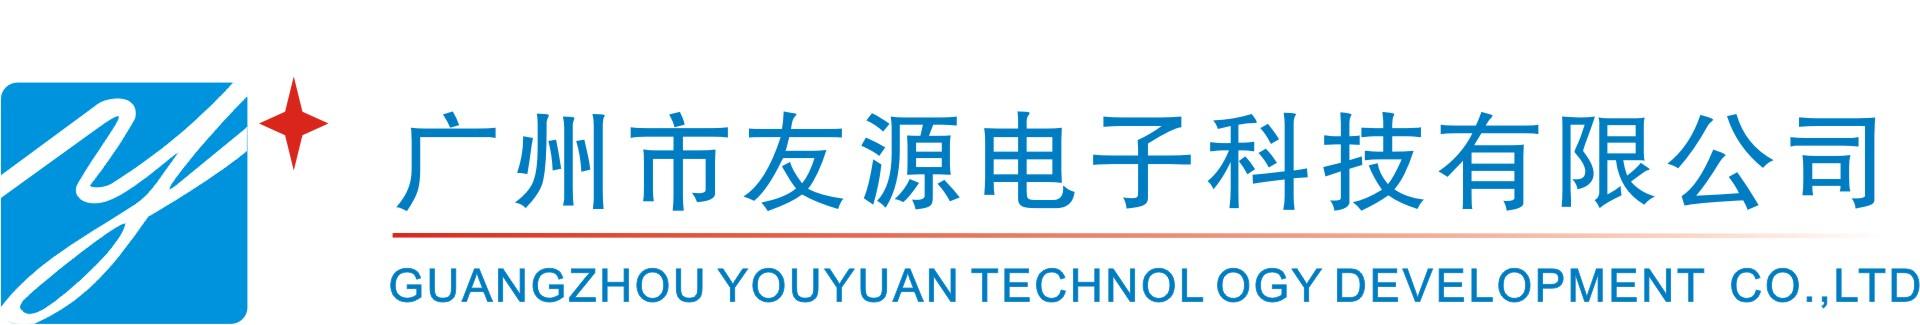 广州市友源电子科技有限公司